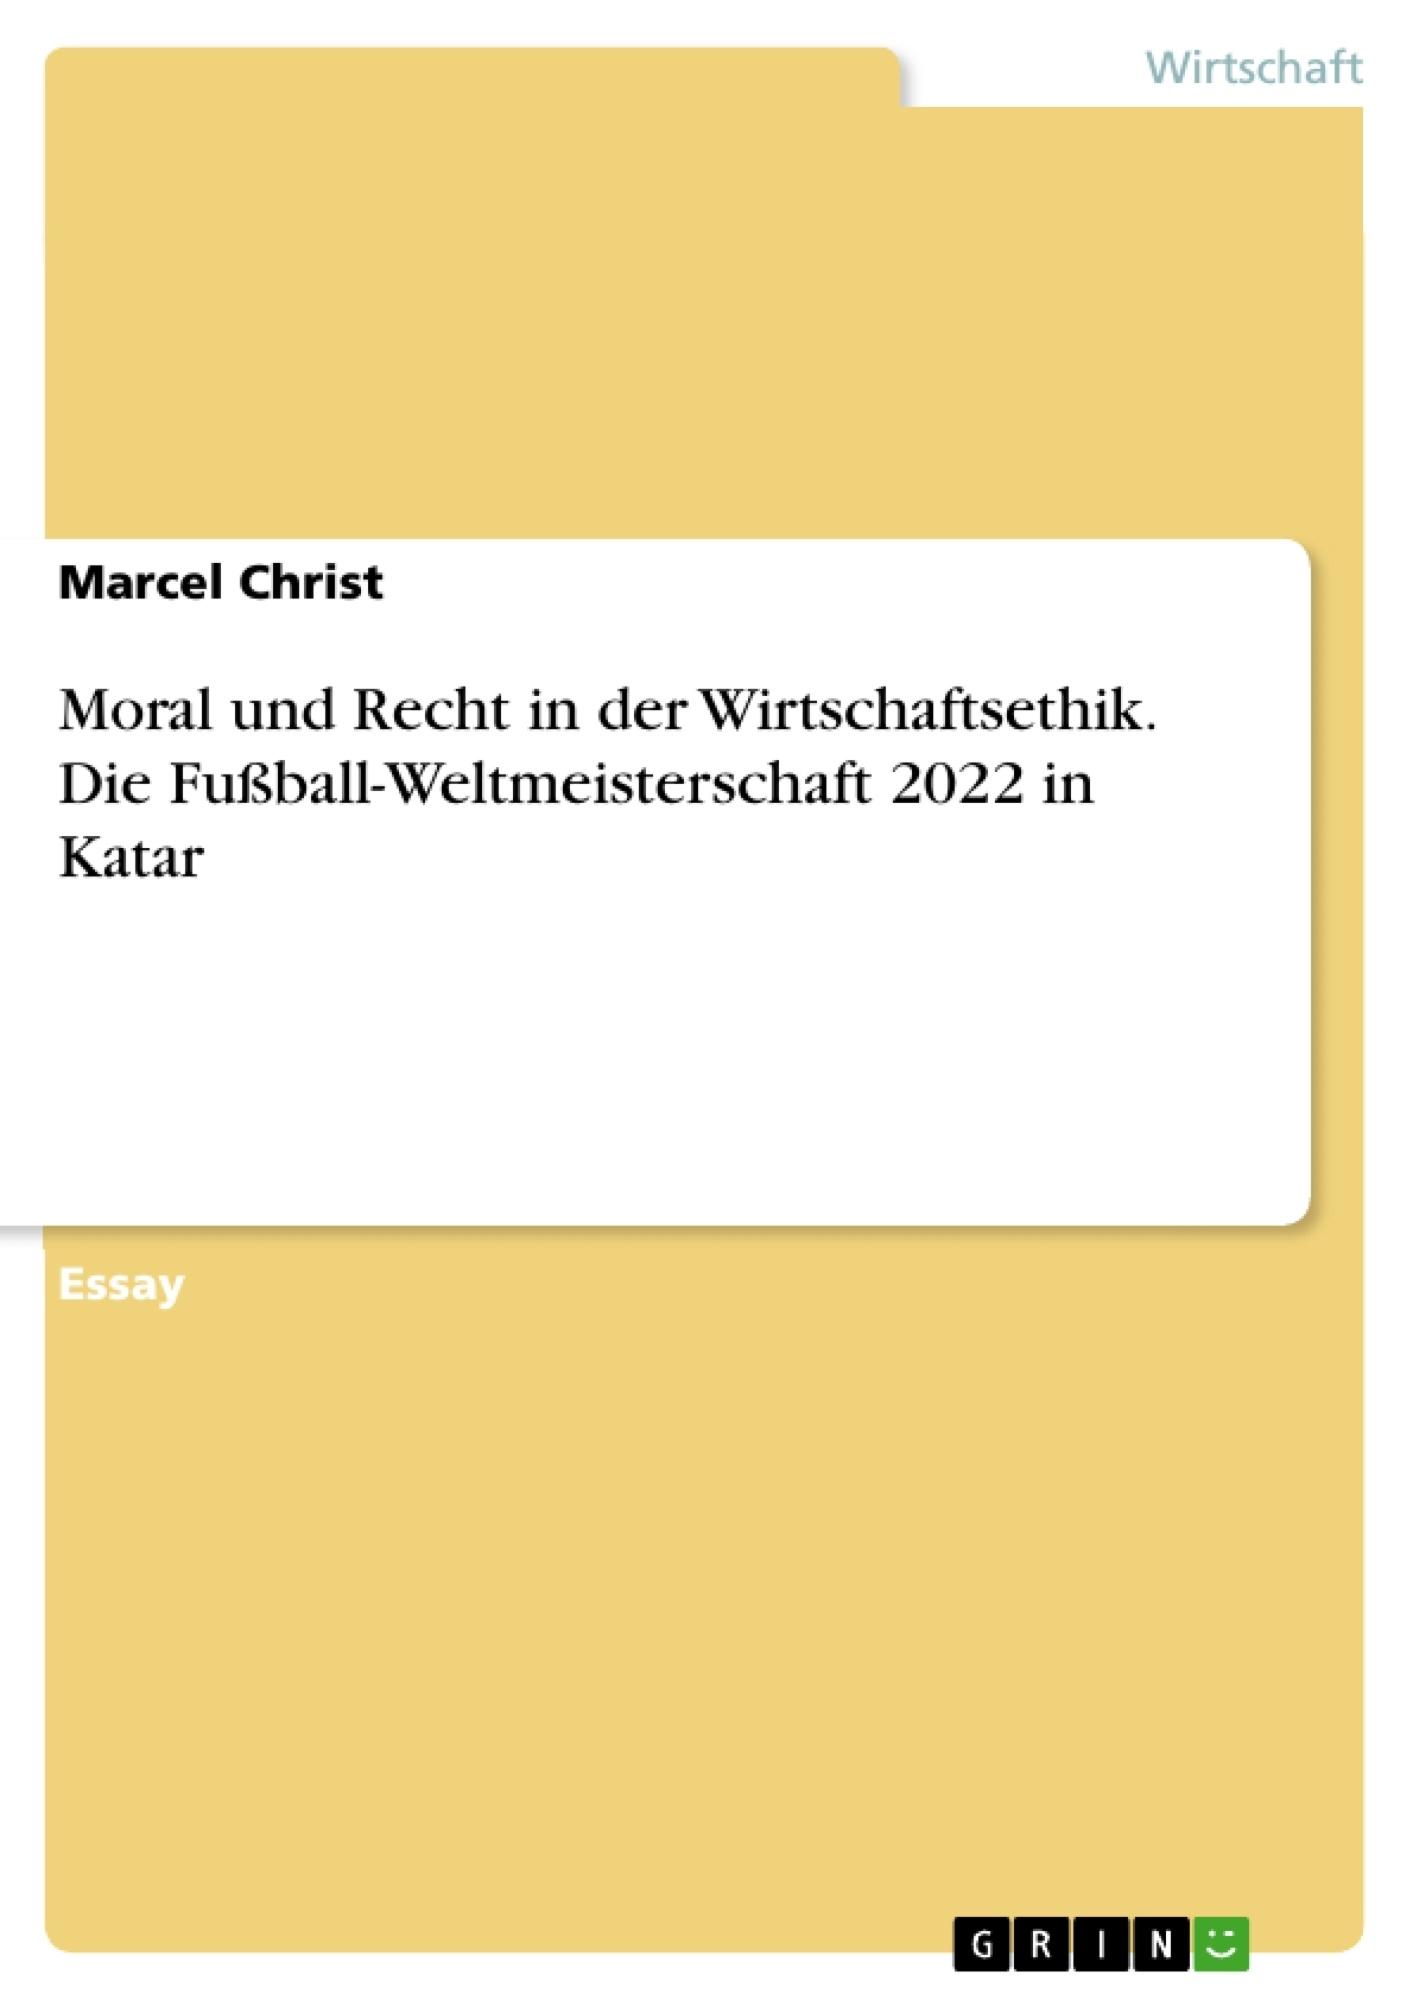 Titel: Moral und Recht in der Wirtschaftsethik. Die Fußball-Weltmeisterschaft 2022 in Katar